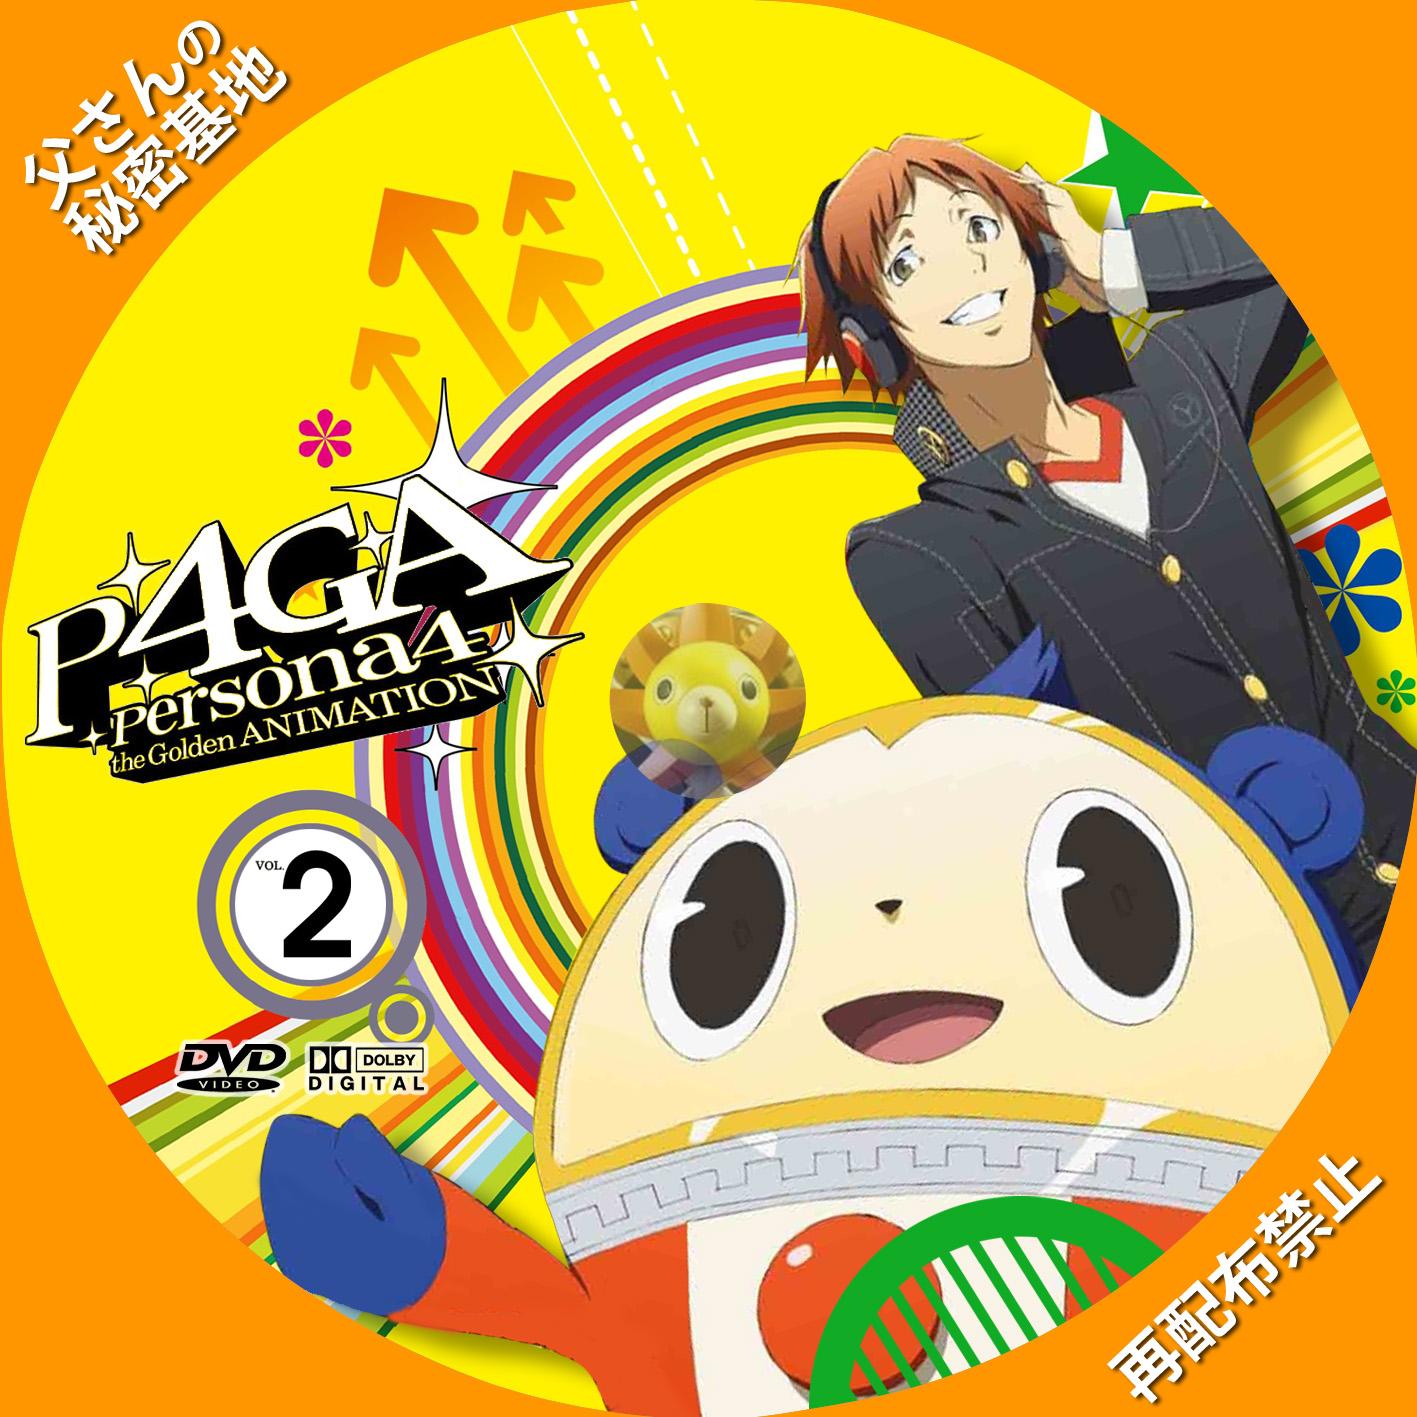 P4GA2_DVD.jpg